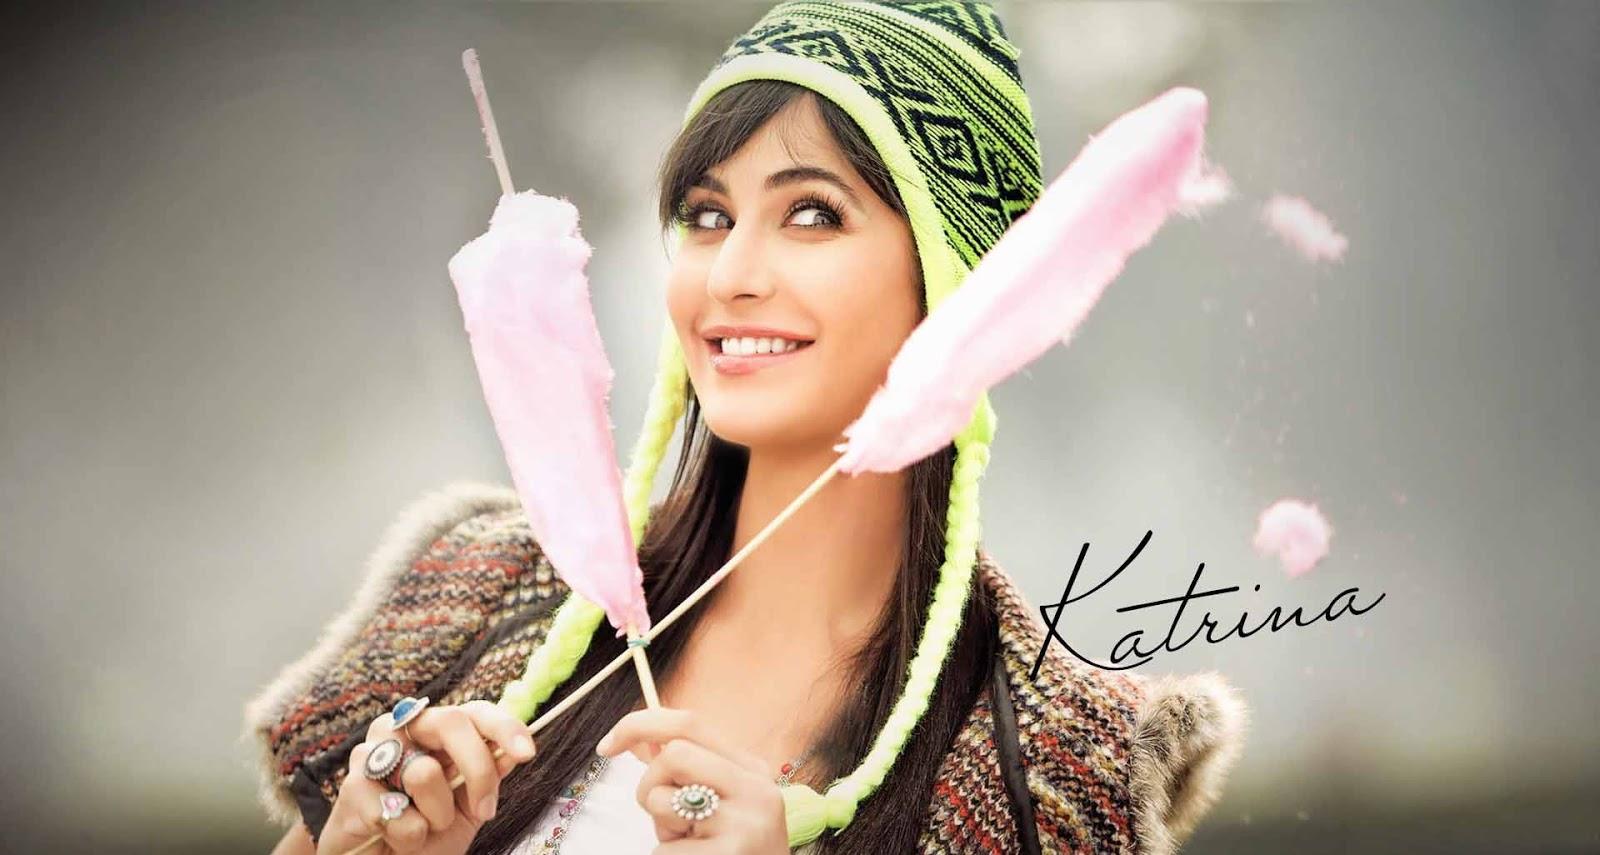 Bollywood Actress Katrina Kaif Hd Wallpapers, Hd Images -8870